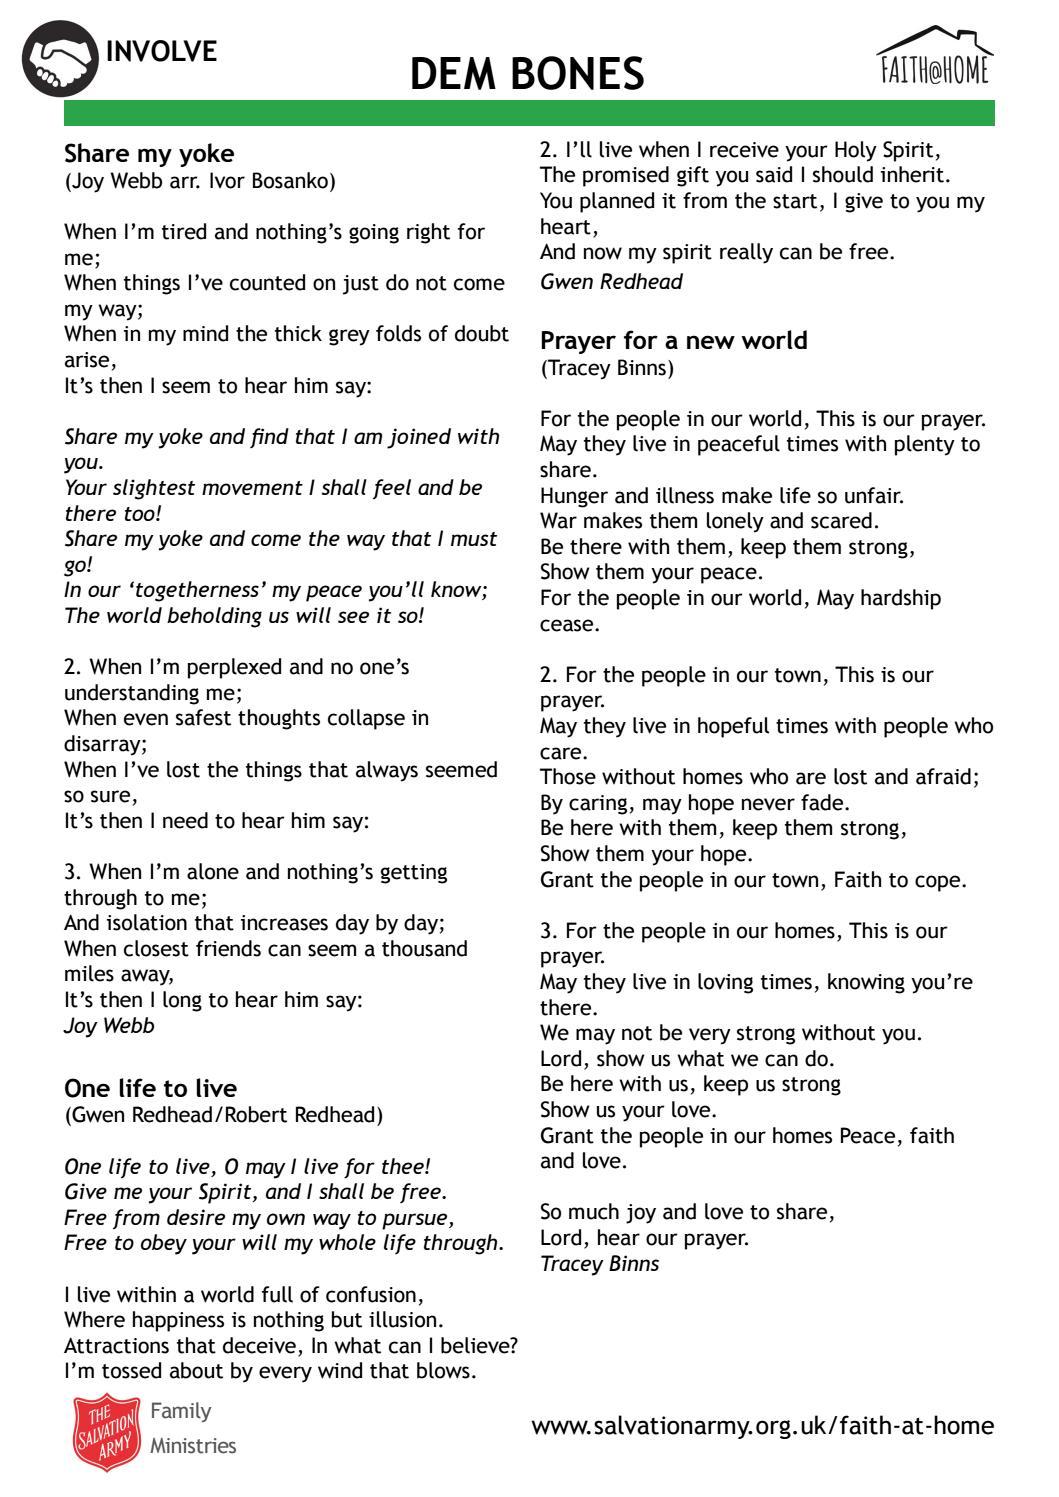 Involve' Dem Bones song lyrics (Faith @ Home) by The Salvation Army